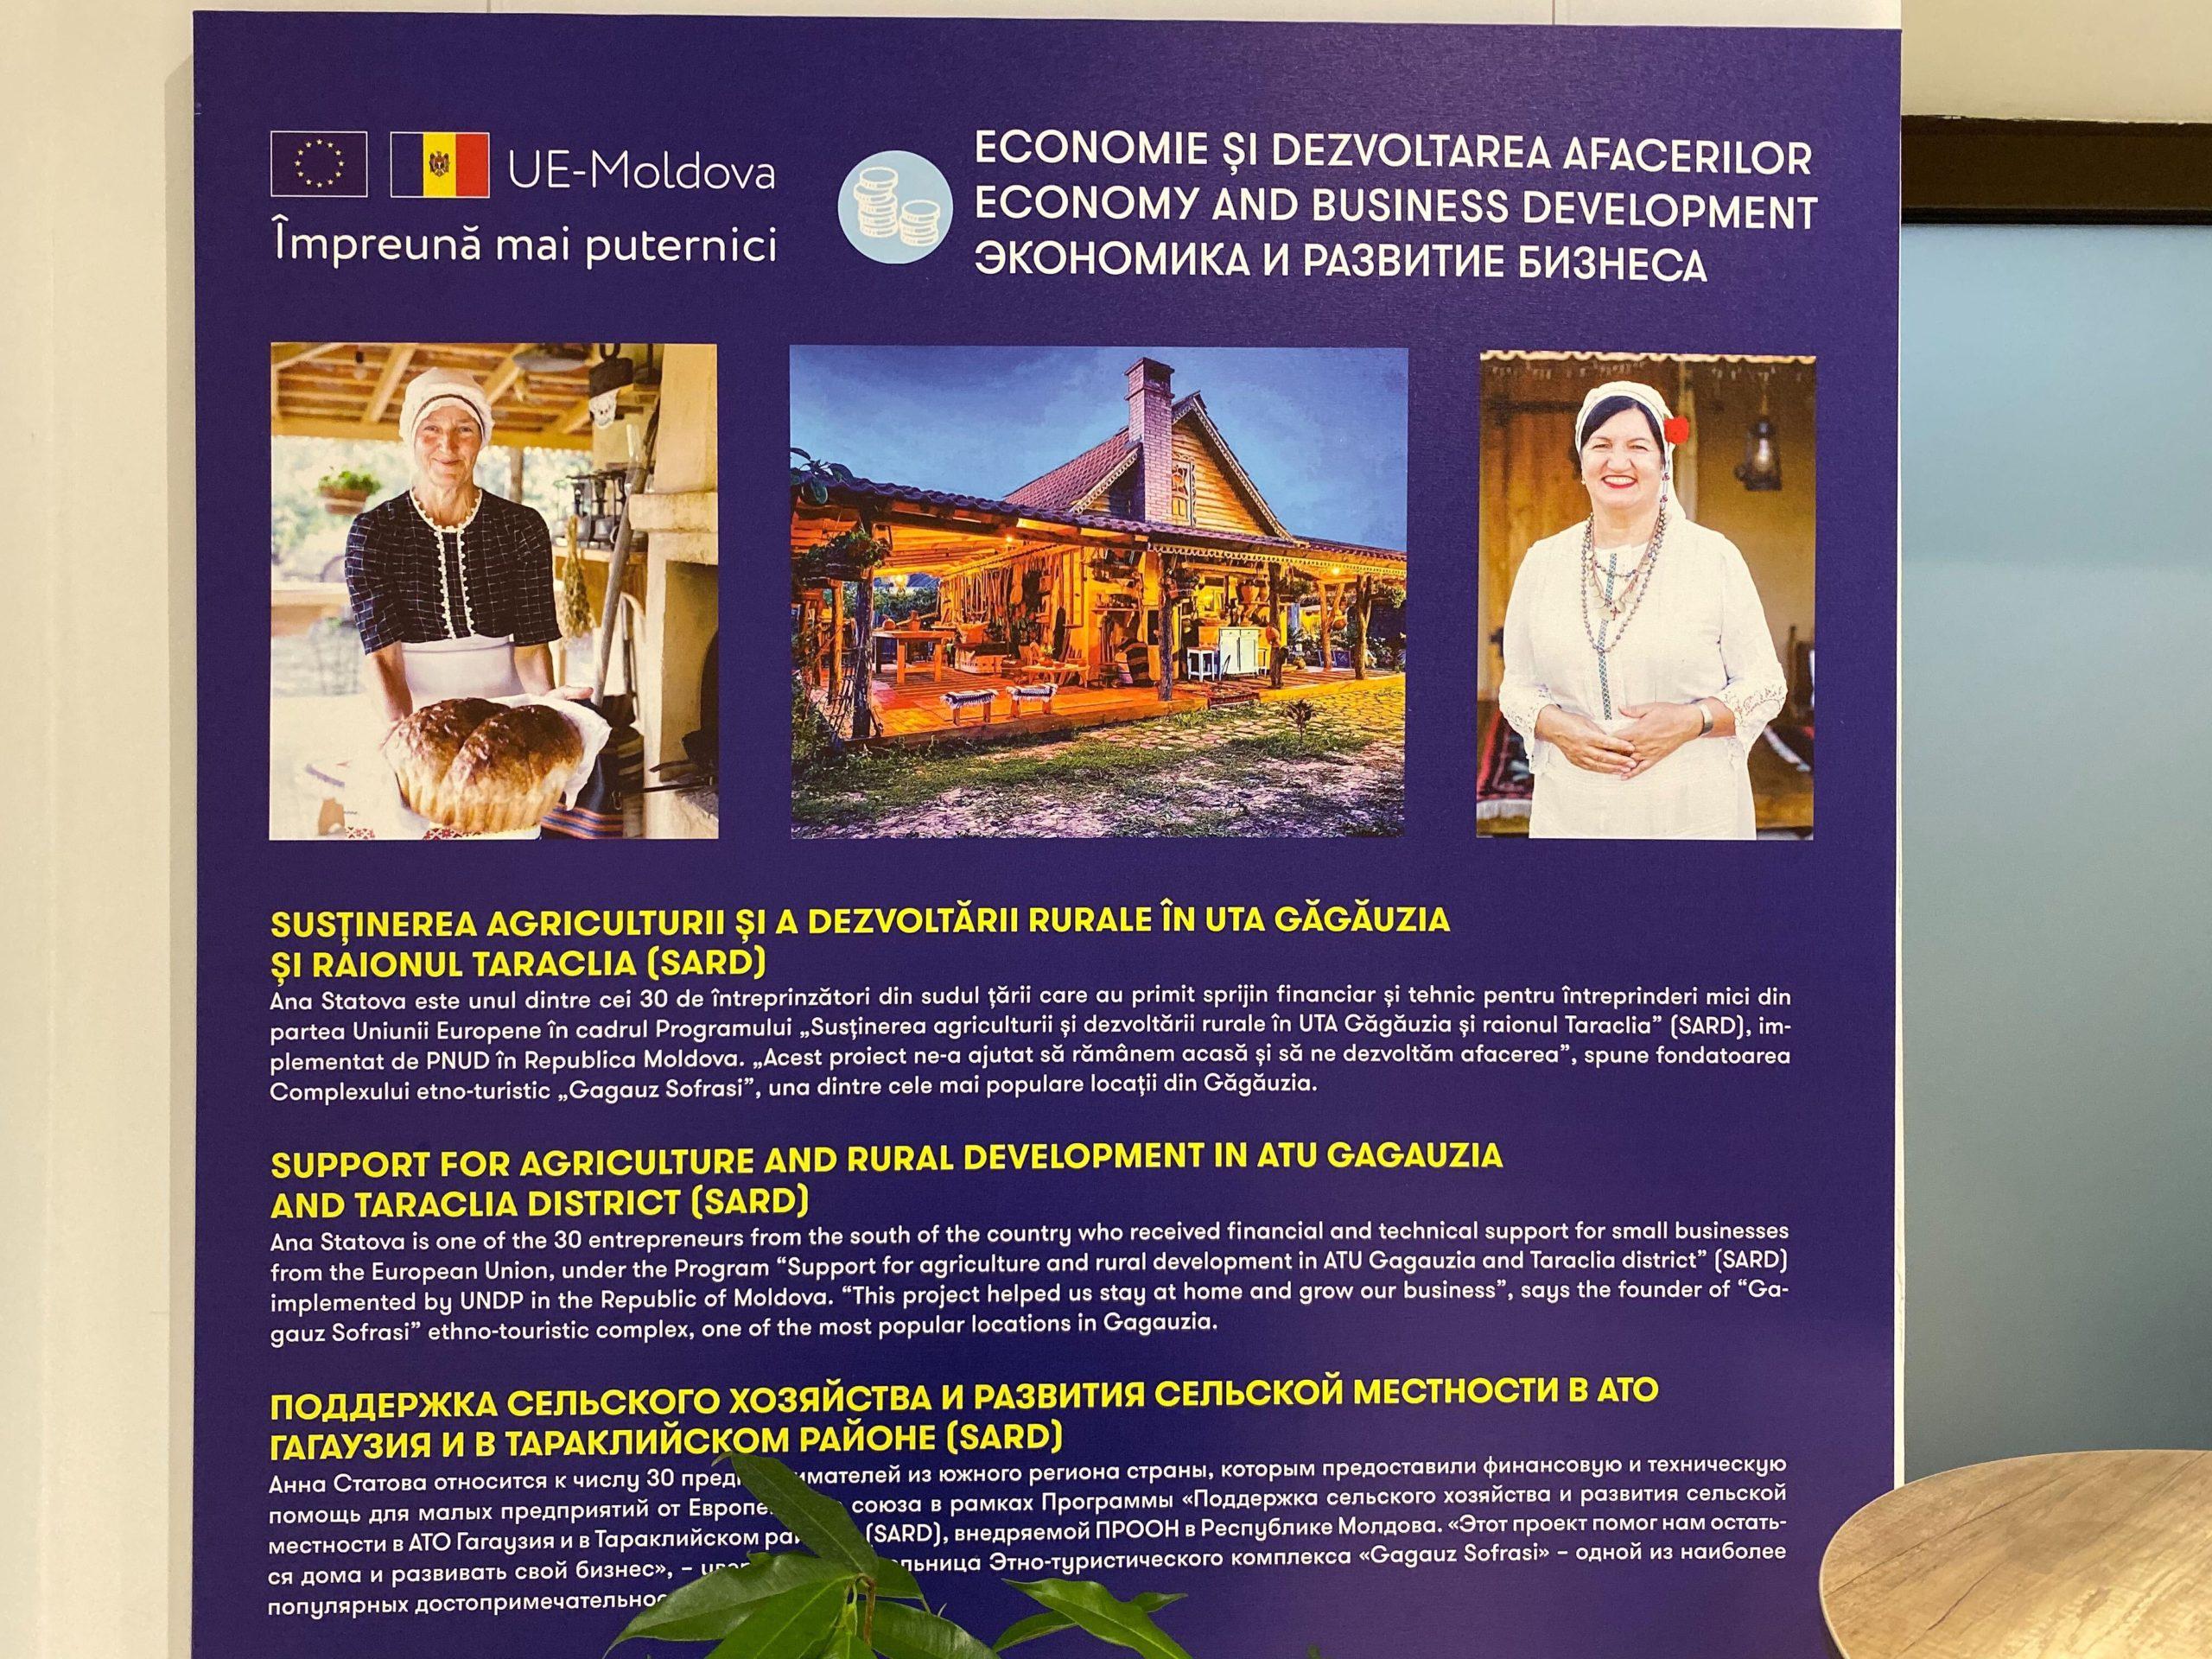 В Кишиневе открылось «Европейское кафе». Петер Михалко провел экскурсию (ВИДЕО)